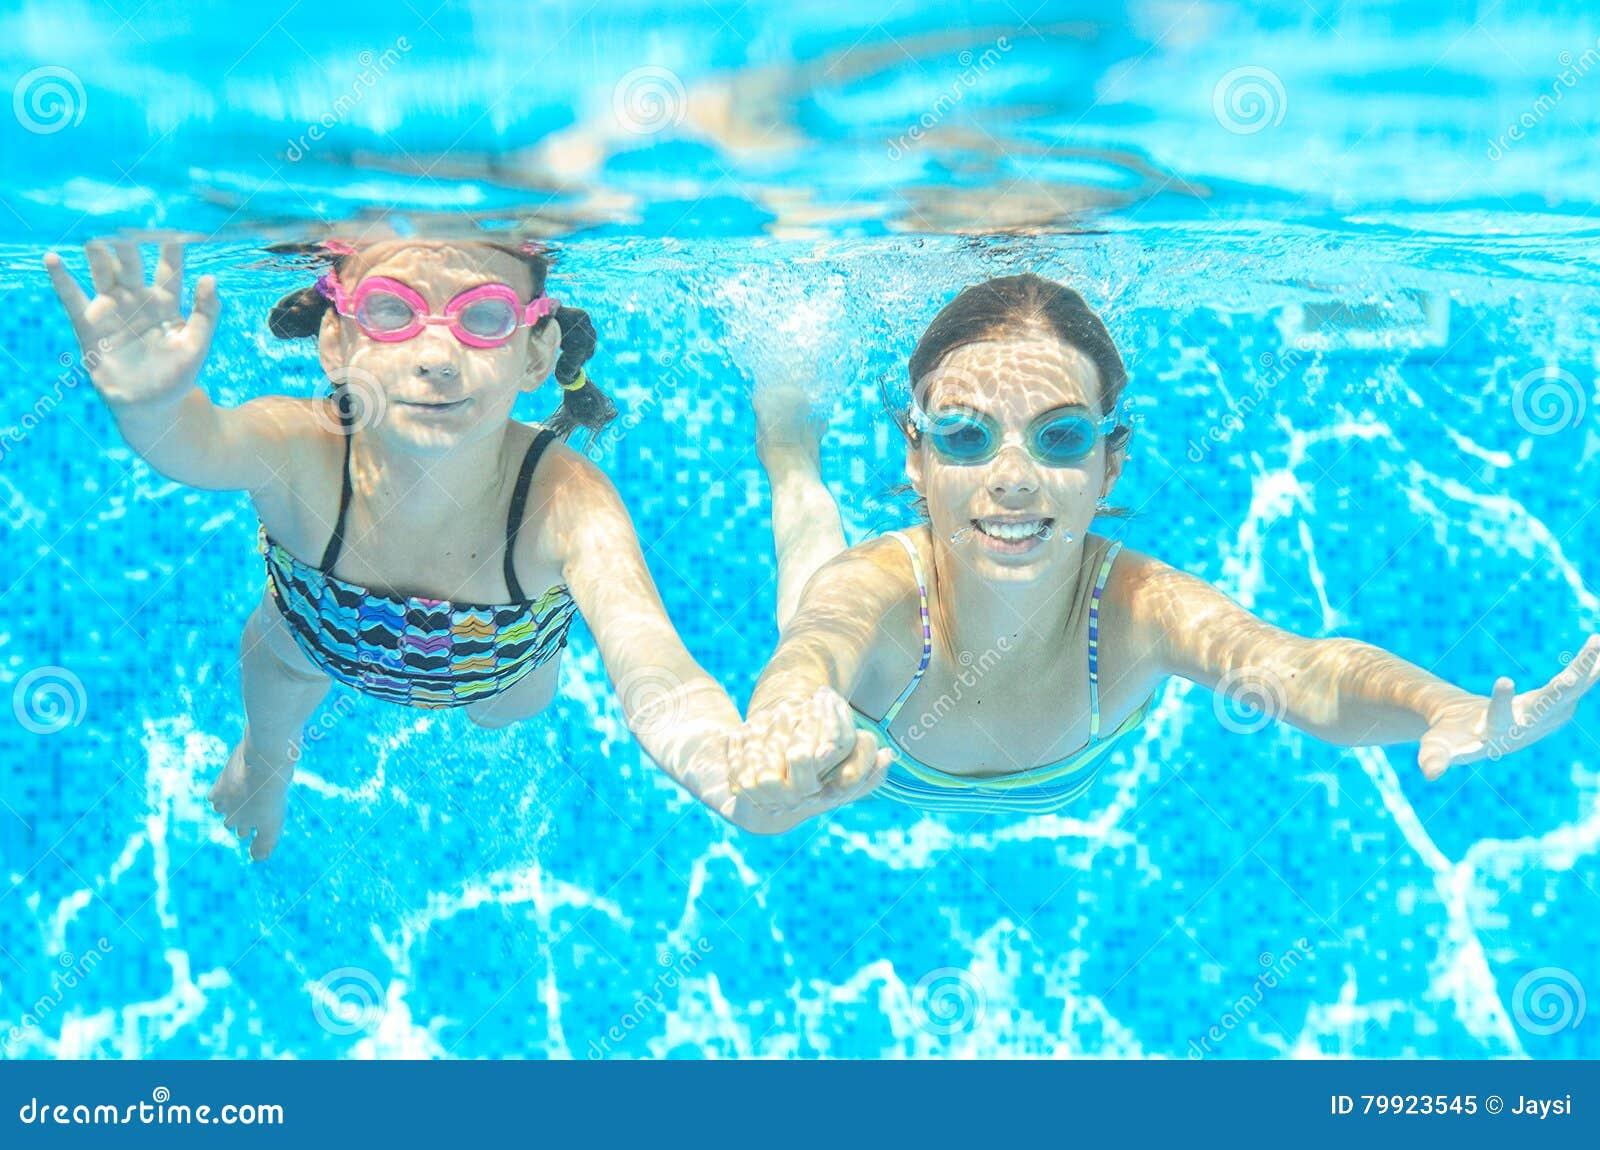 Barn simmar i pöl under vatten, lyckliga aktiva flickor i skyddsglasögon har gyckel, ungesport